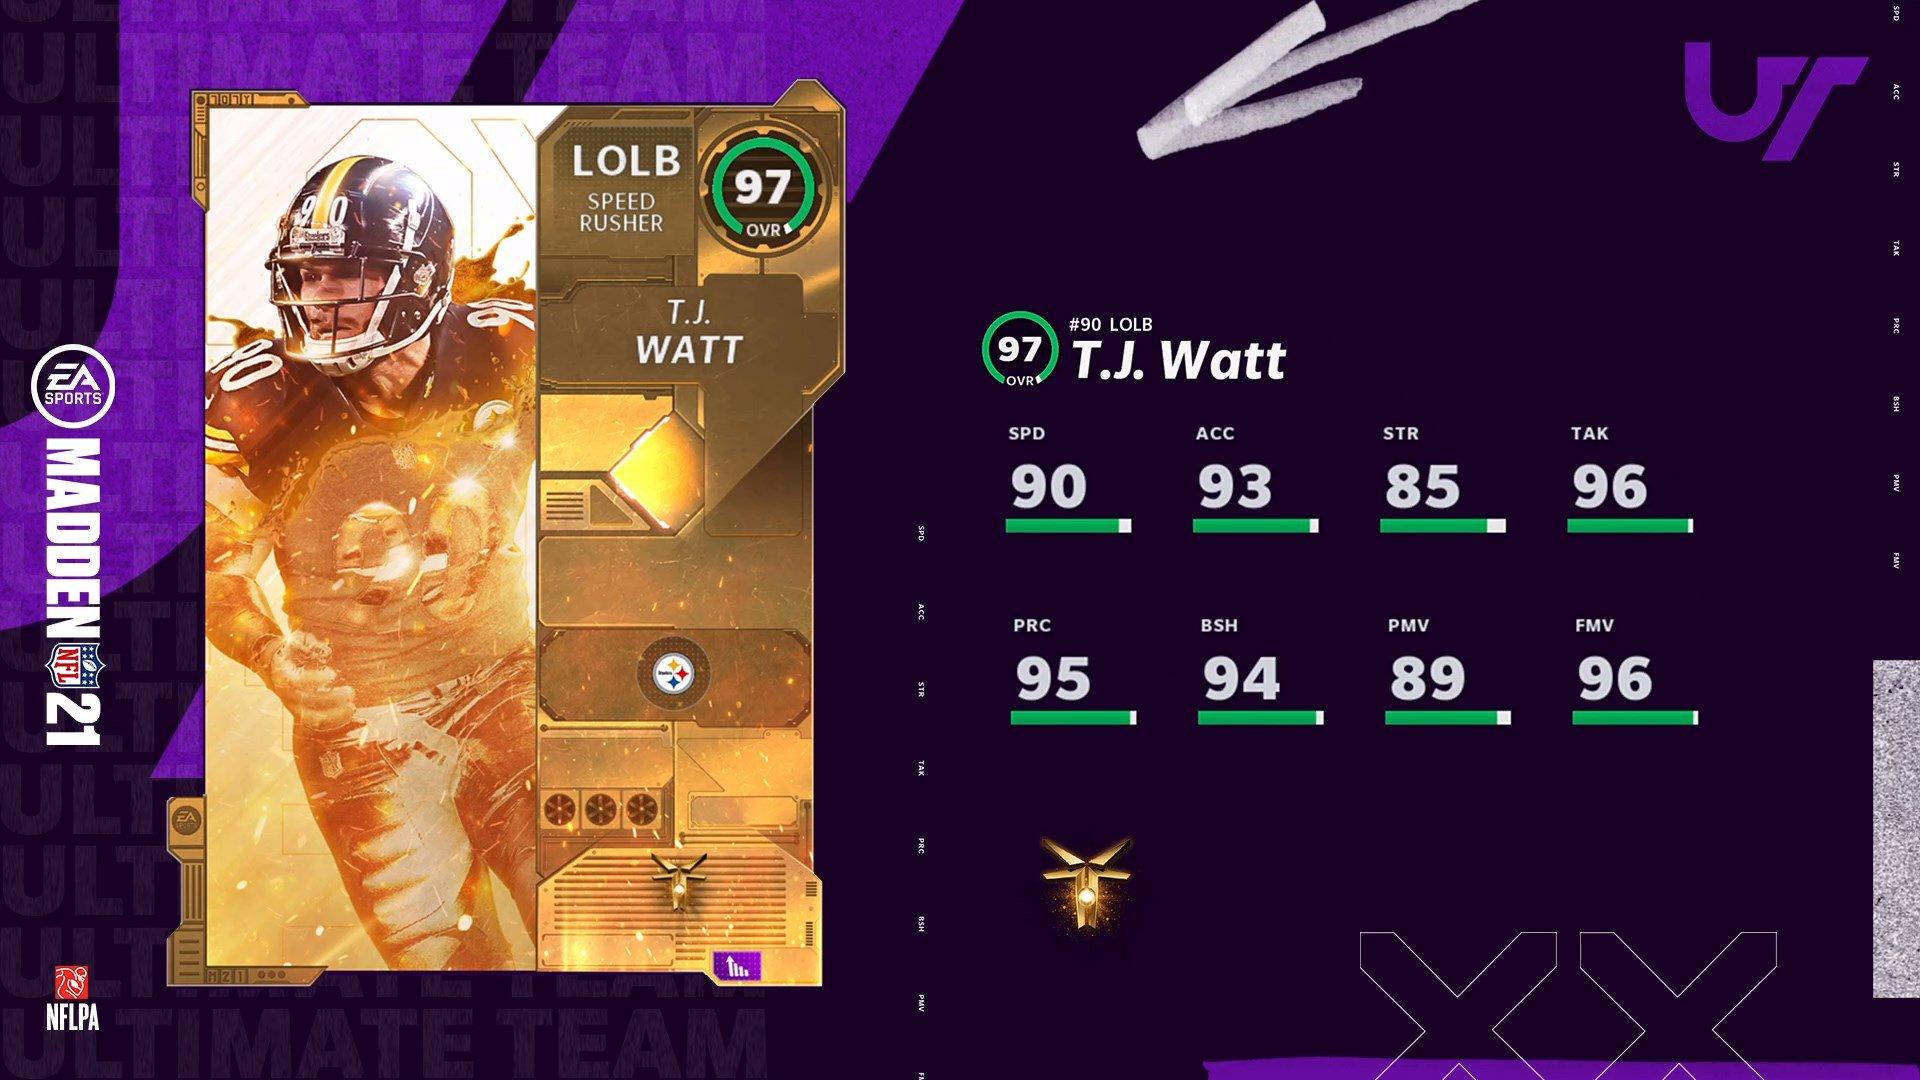 TWatt1.jpg